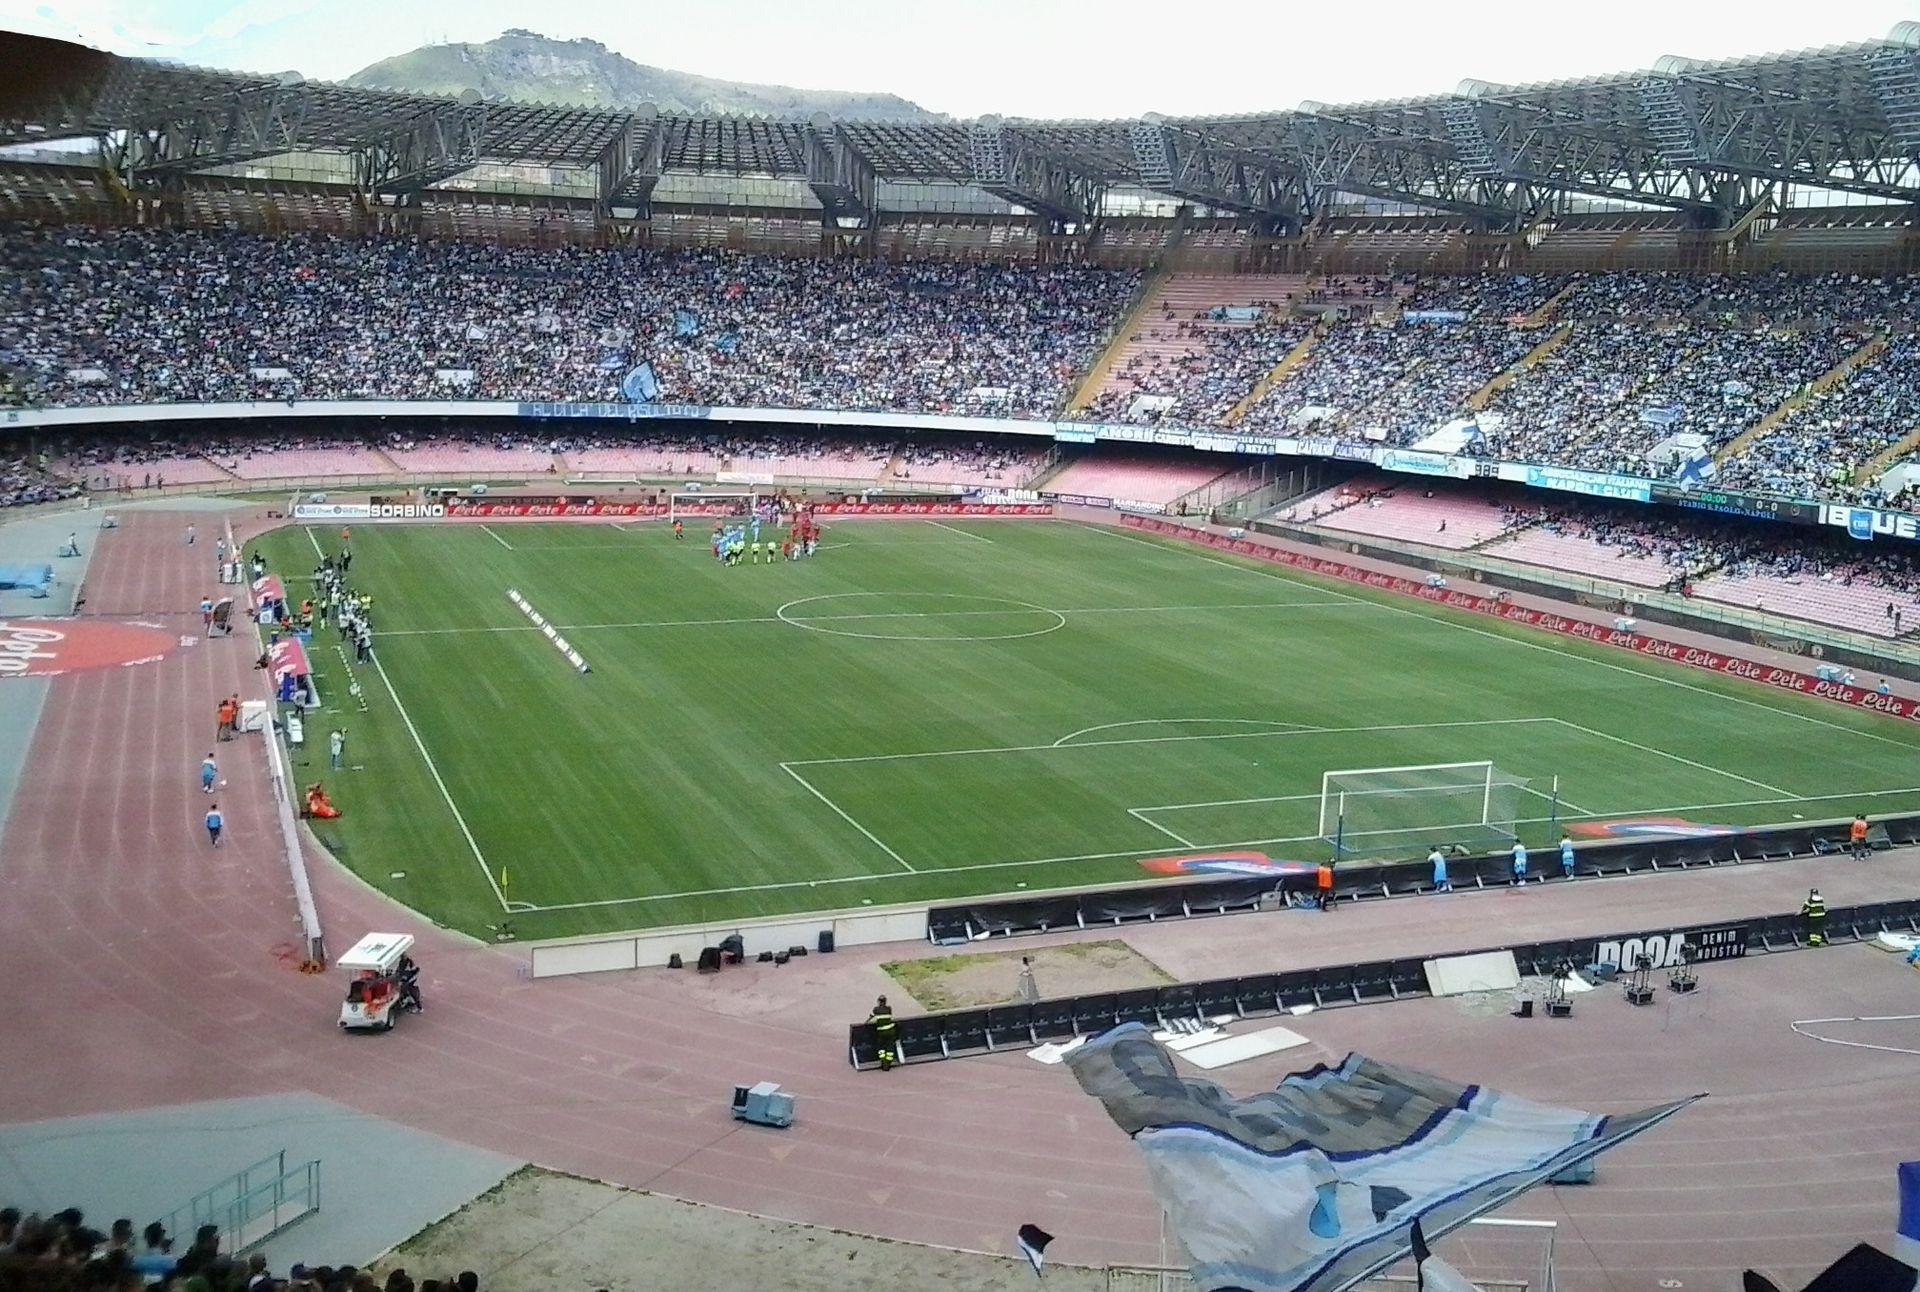 Stadio San Paolo. ItalienFotboll.se